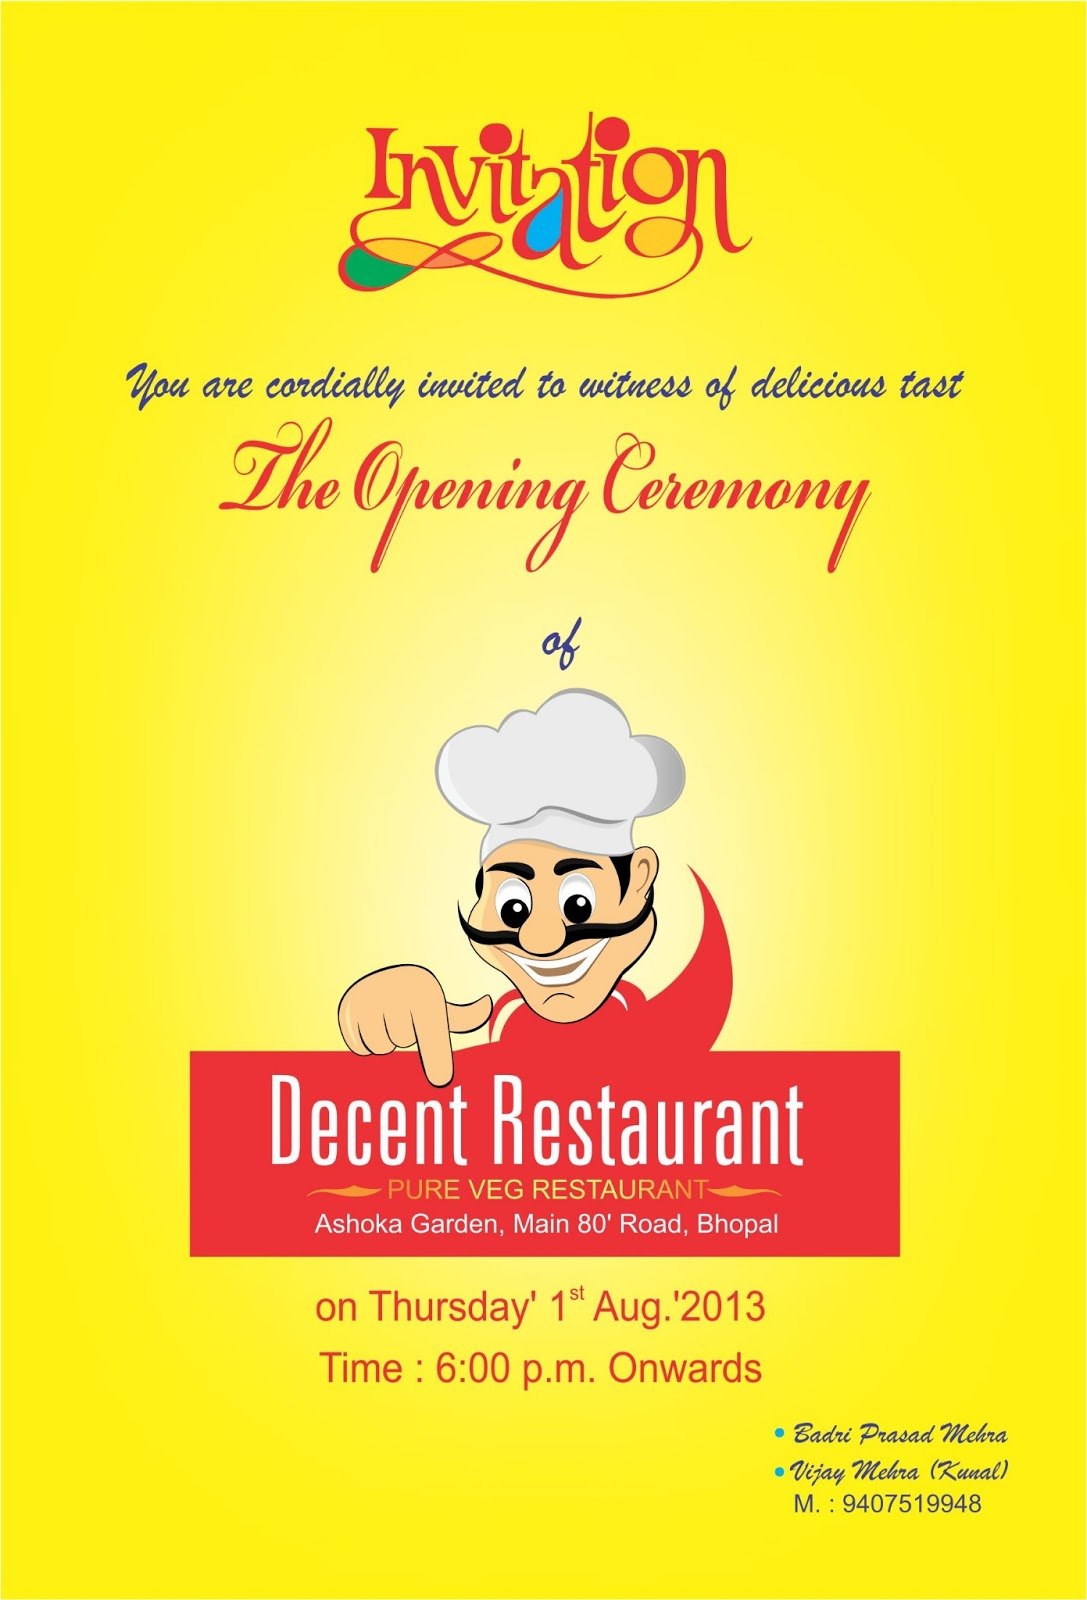 bhagat graphic designer  decent restaurant bhopal